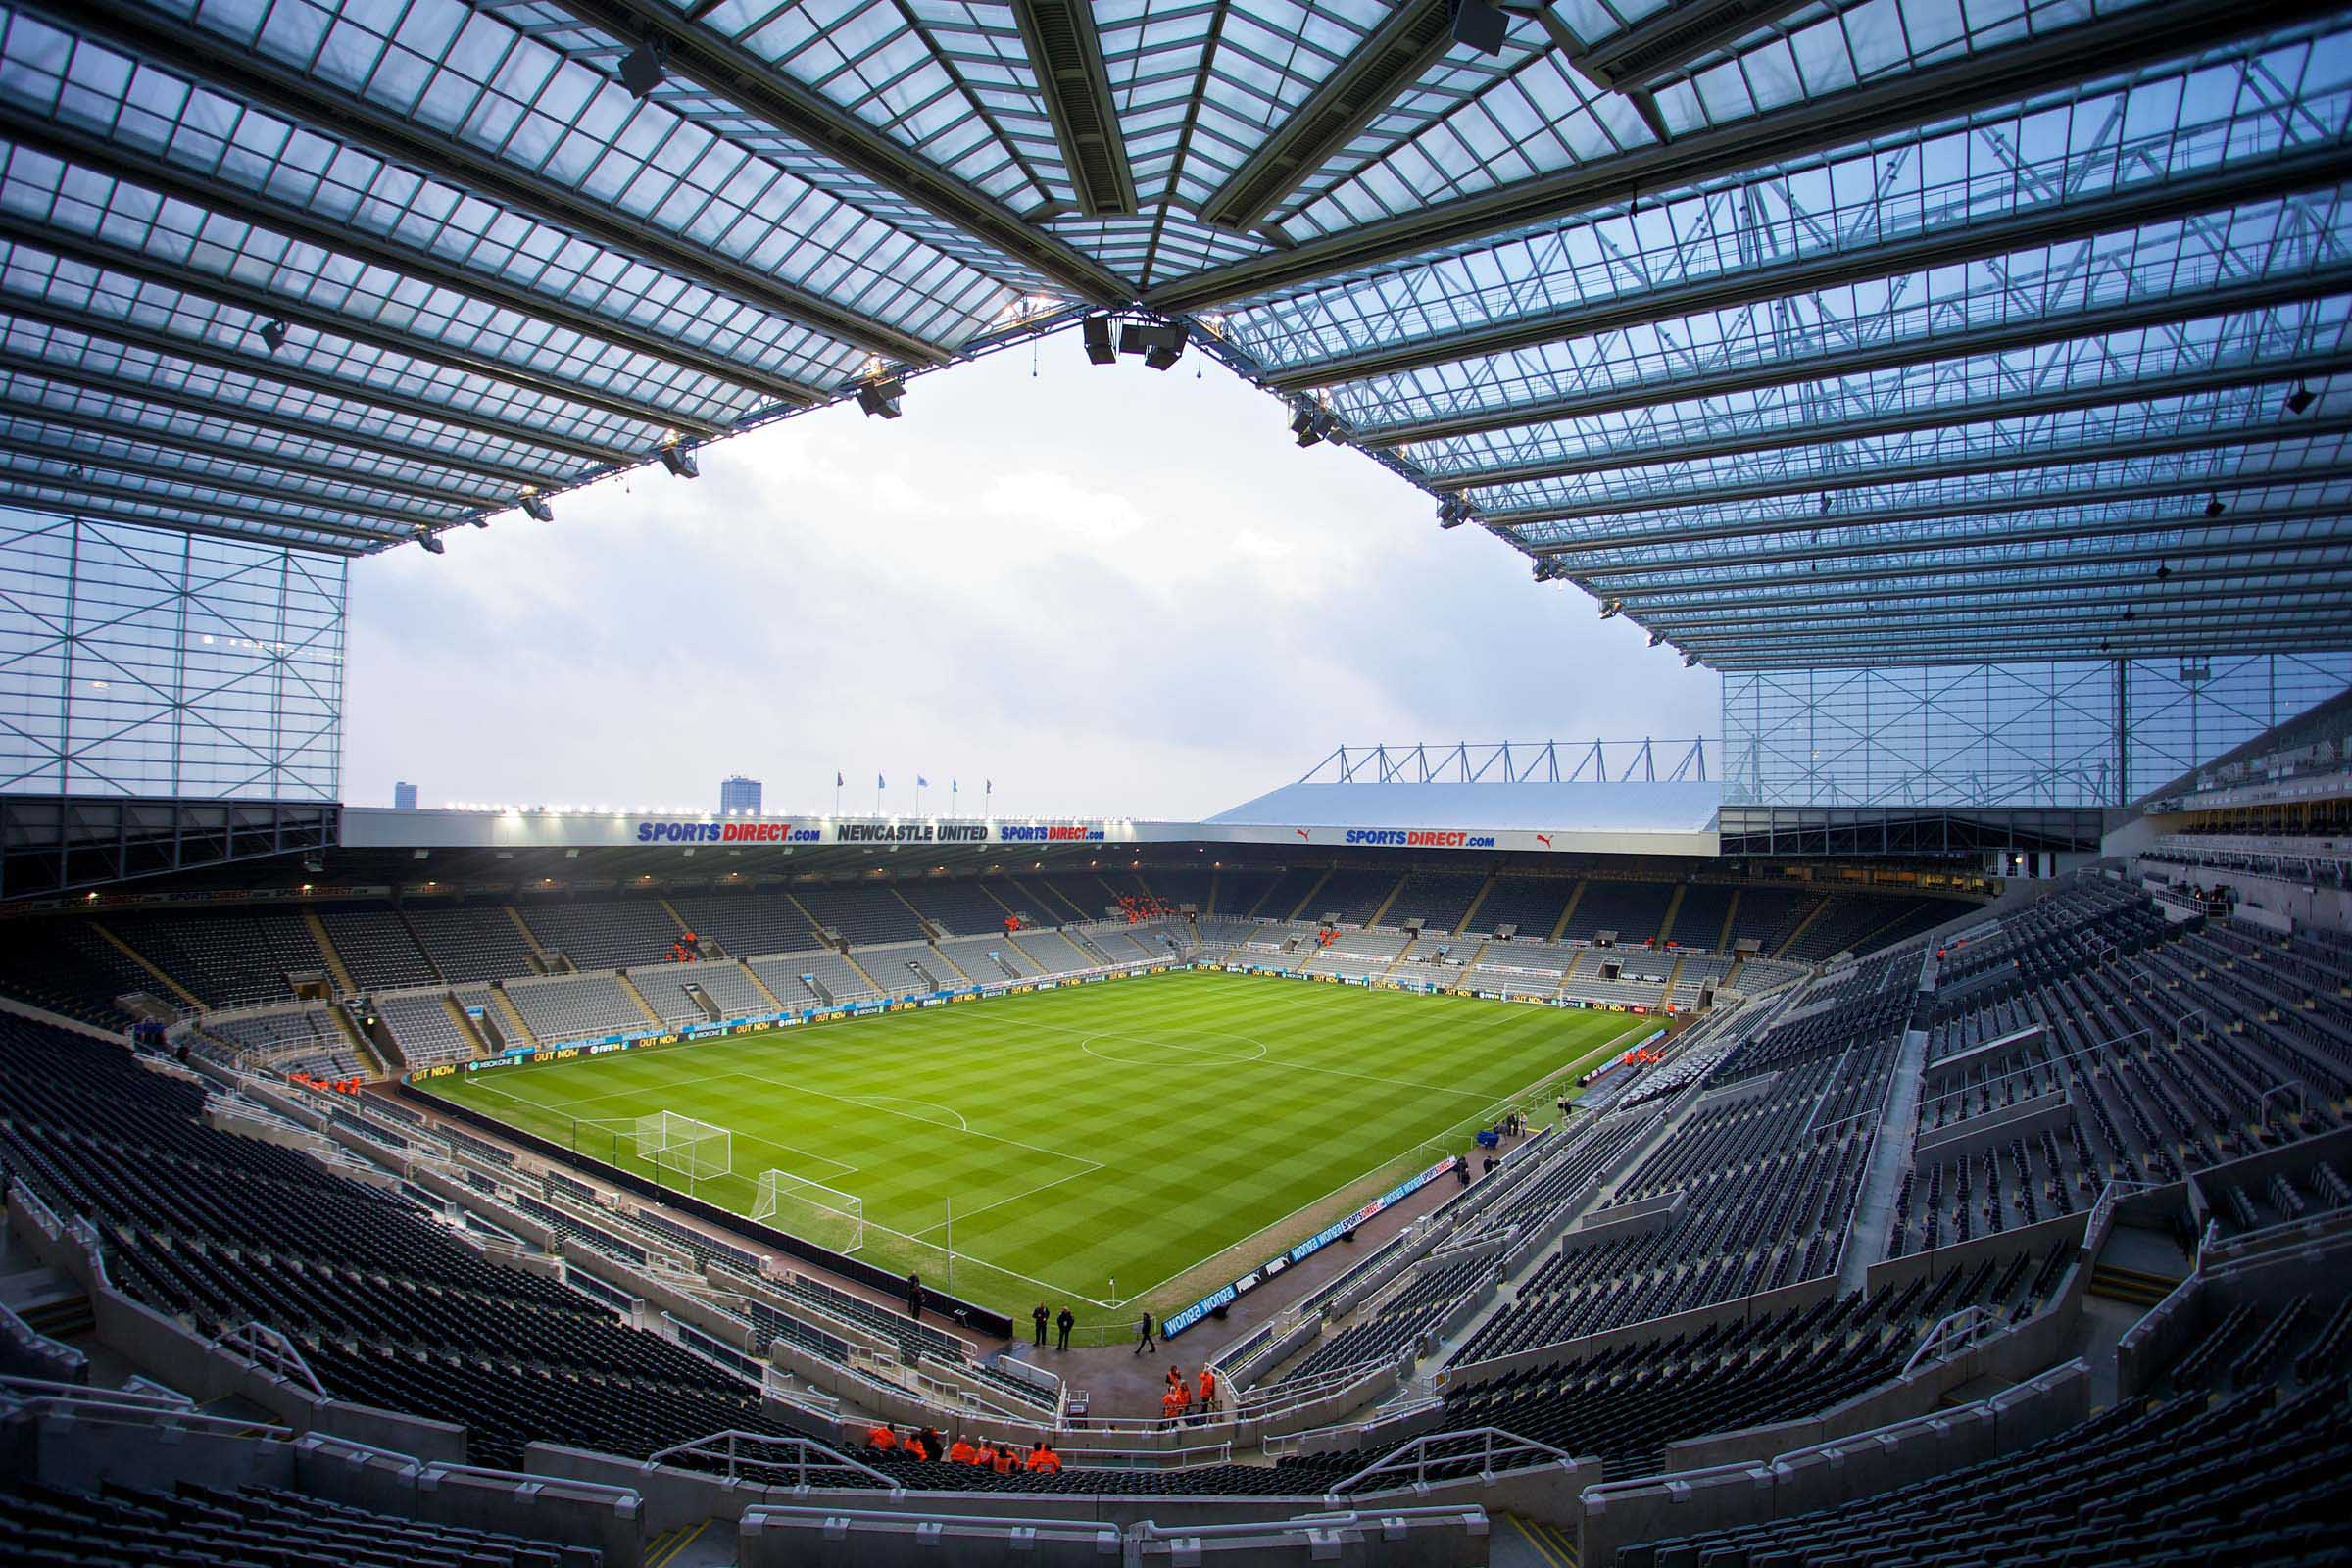 Football - FA Premier League - Newcastle United FC v Everton FC